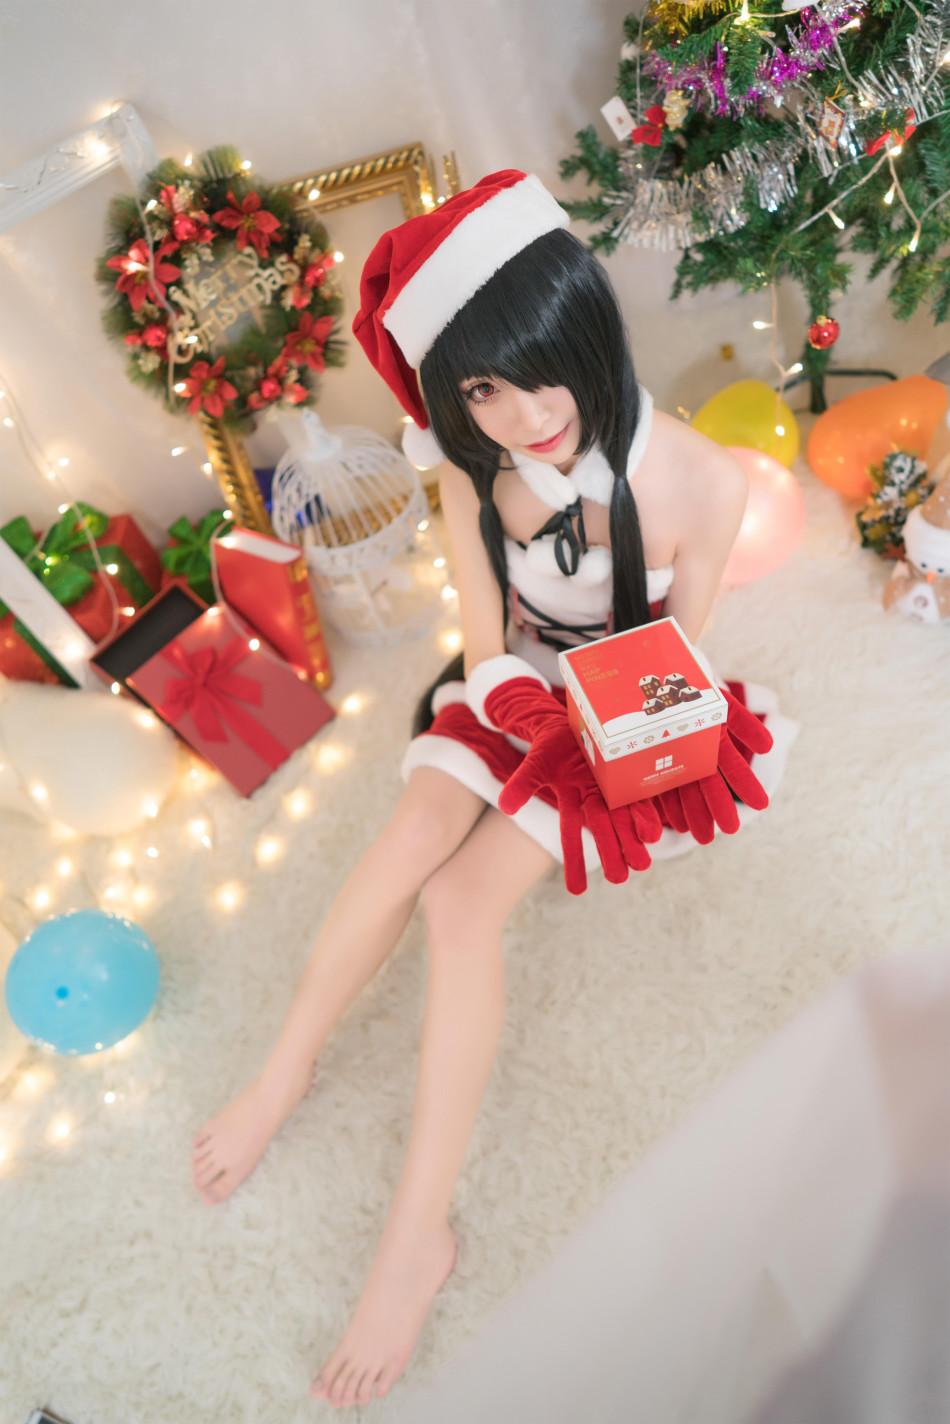 極品美少女陪你過聖誕 天天Cosplay福利精選